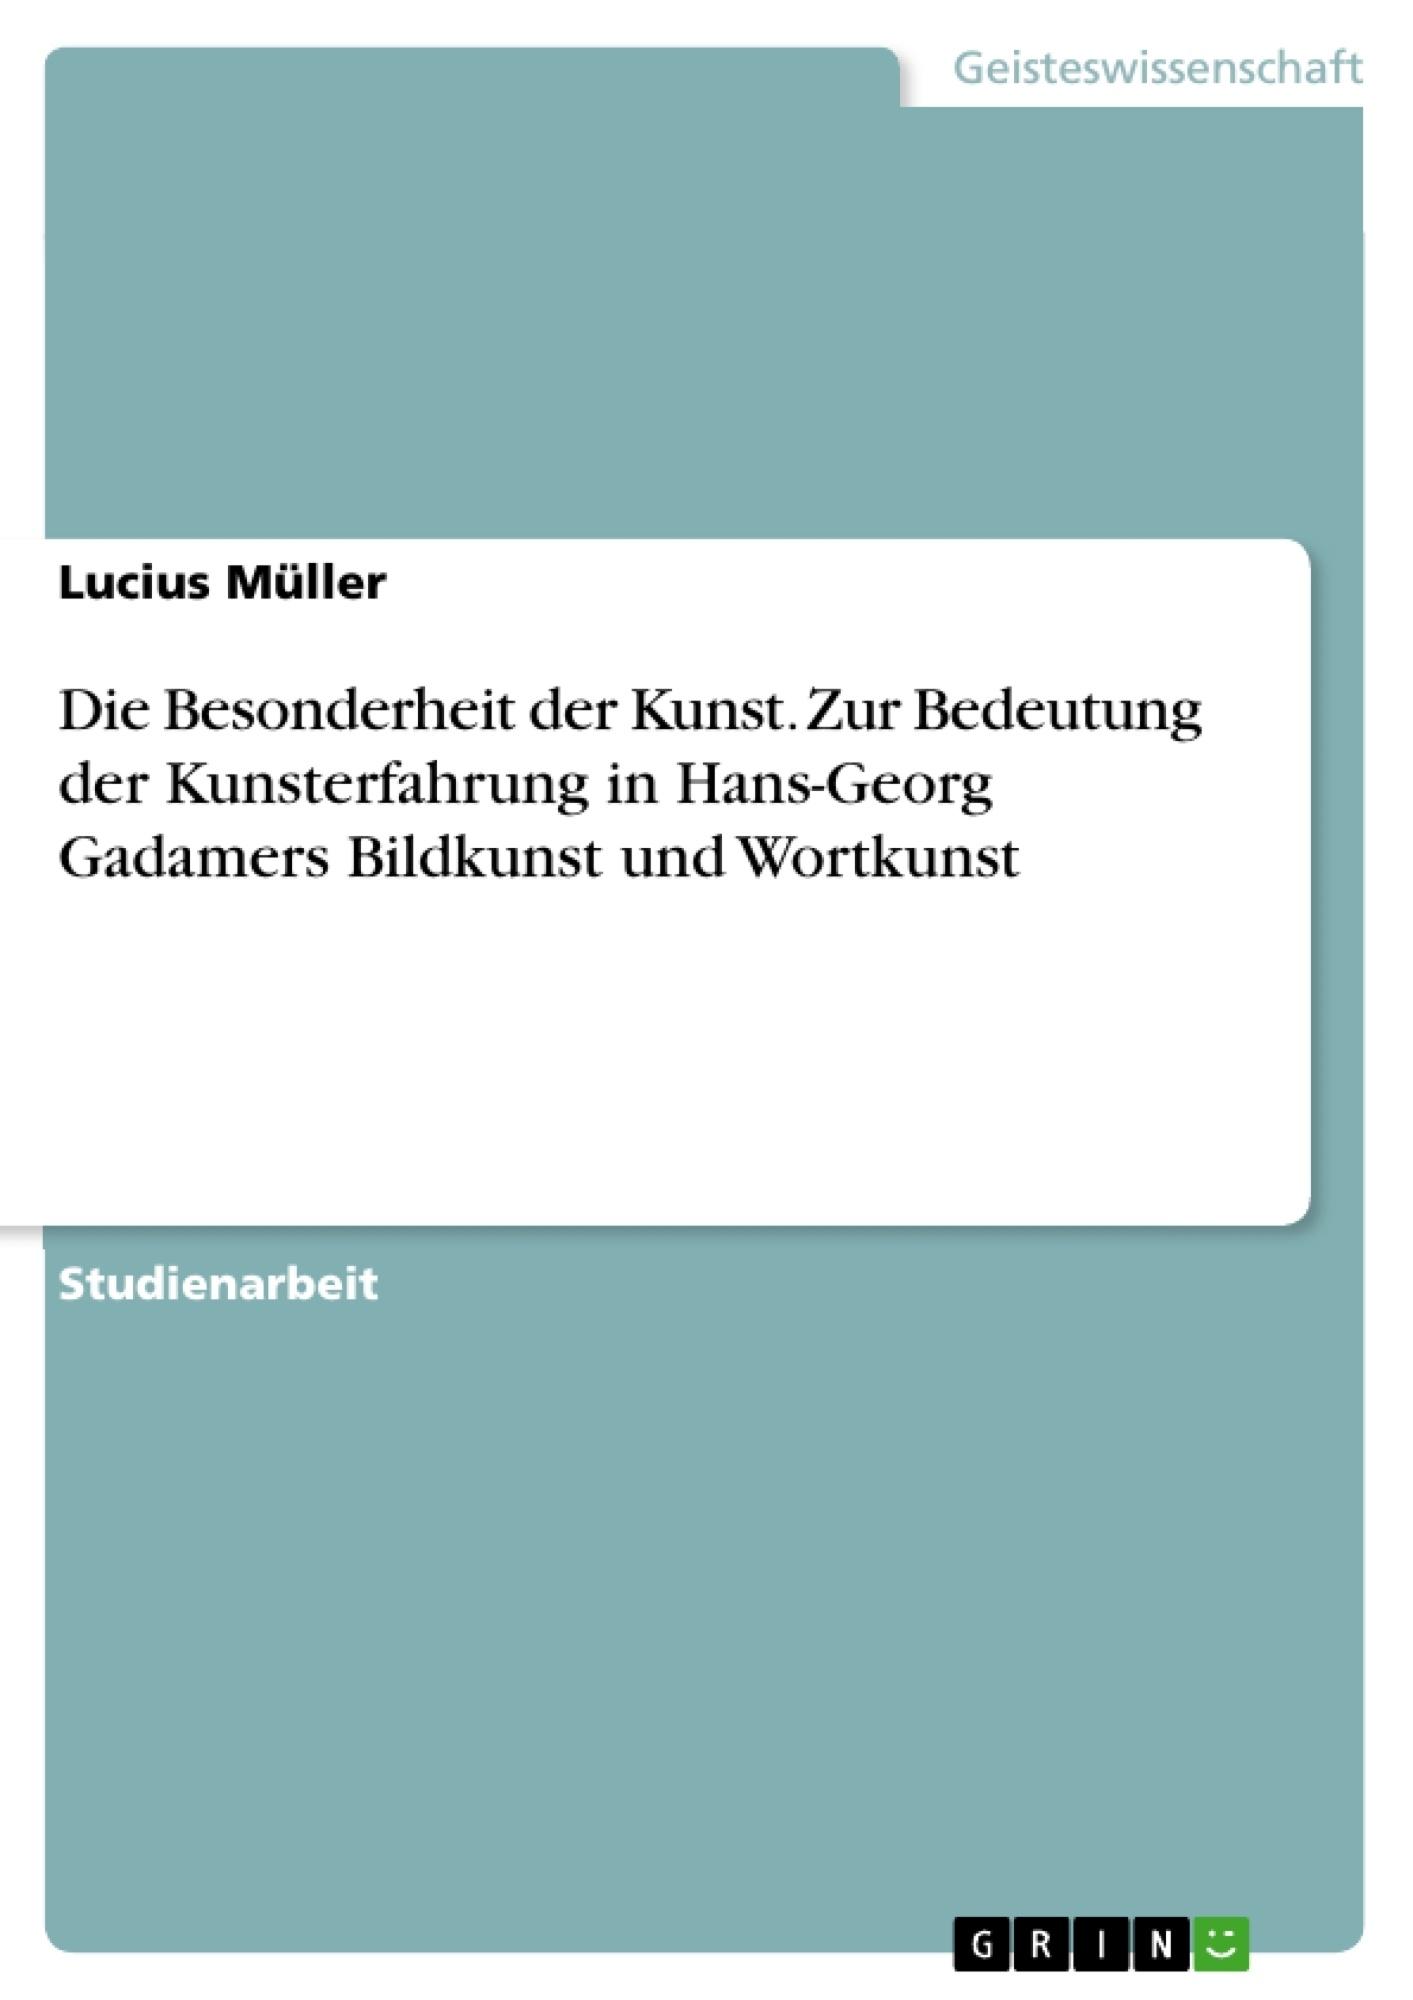 Titel: Die Besonderheit der Kunst. Zur Bedeutung der Kunsterfahrung in Hans-Georg Gadamers Bildkunst und Wortkunst